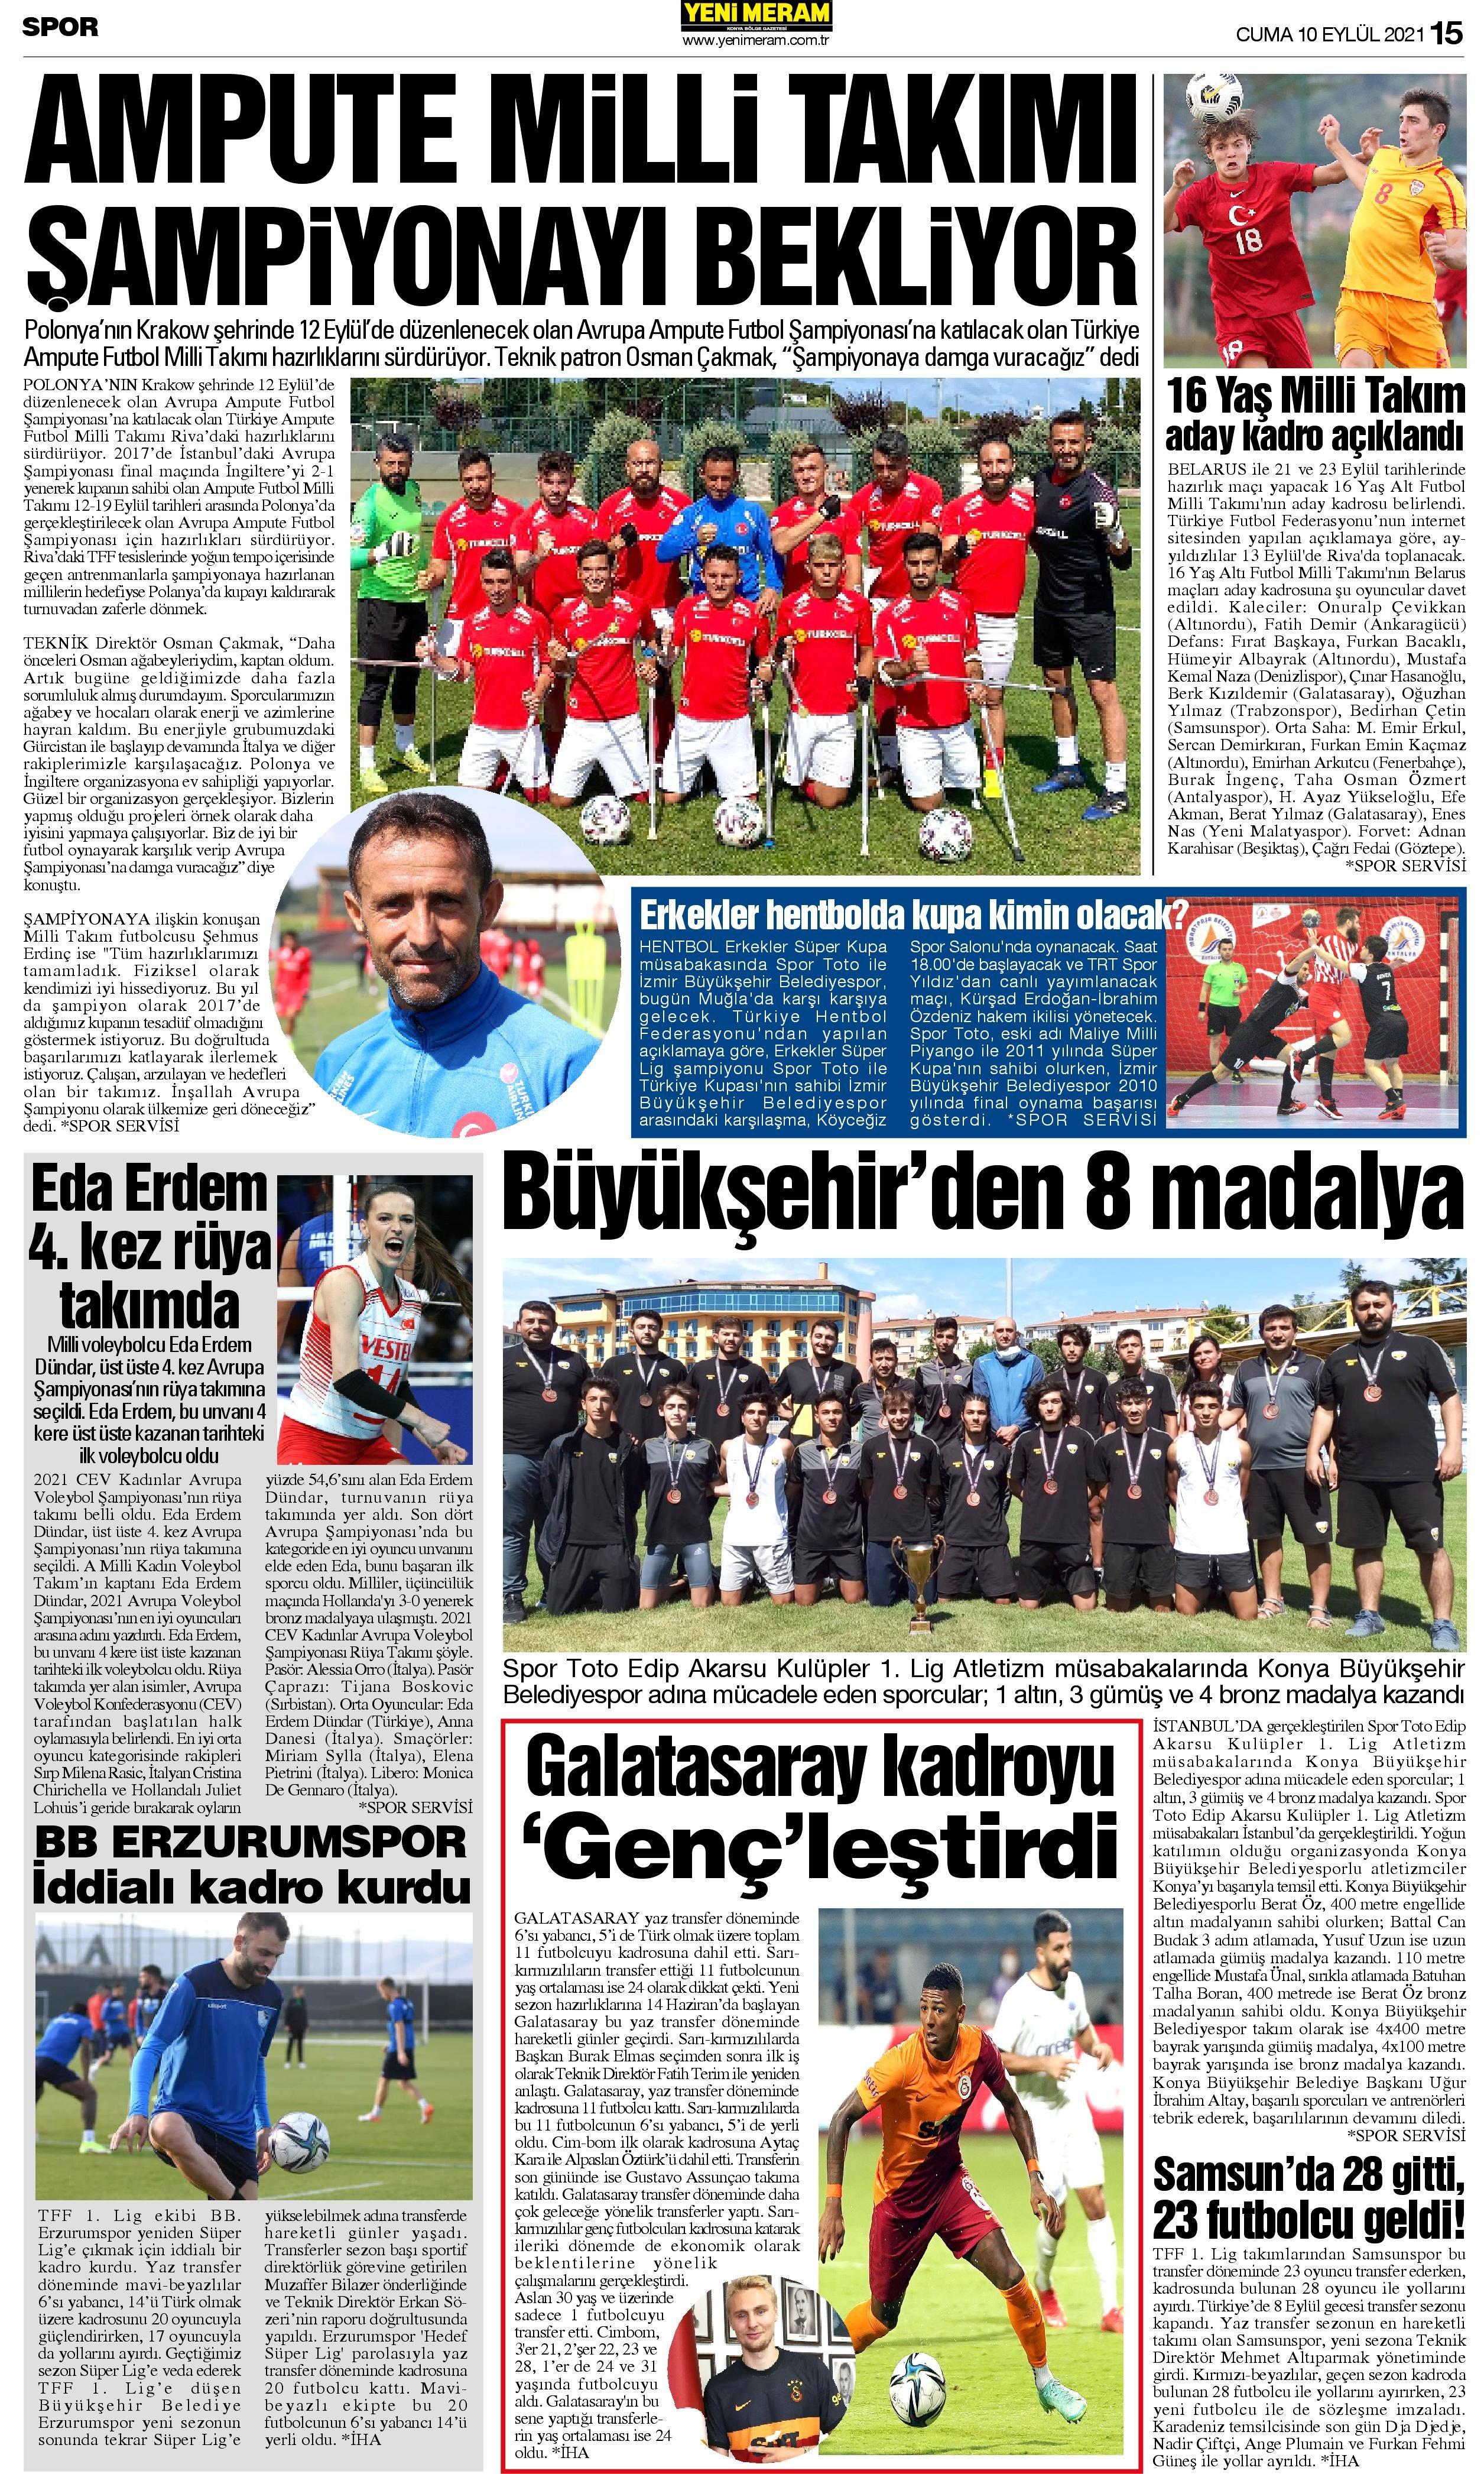 10 Eylül 2021 Yeni Meram Gazetesi